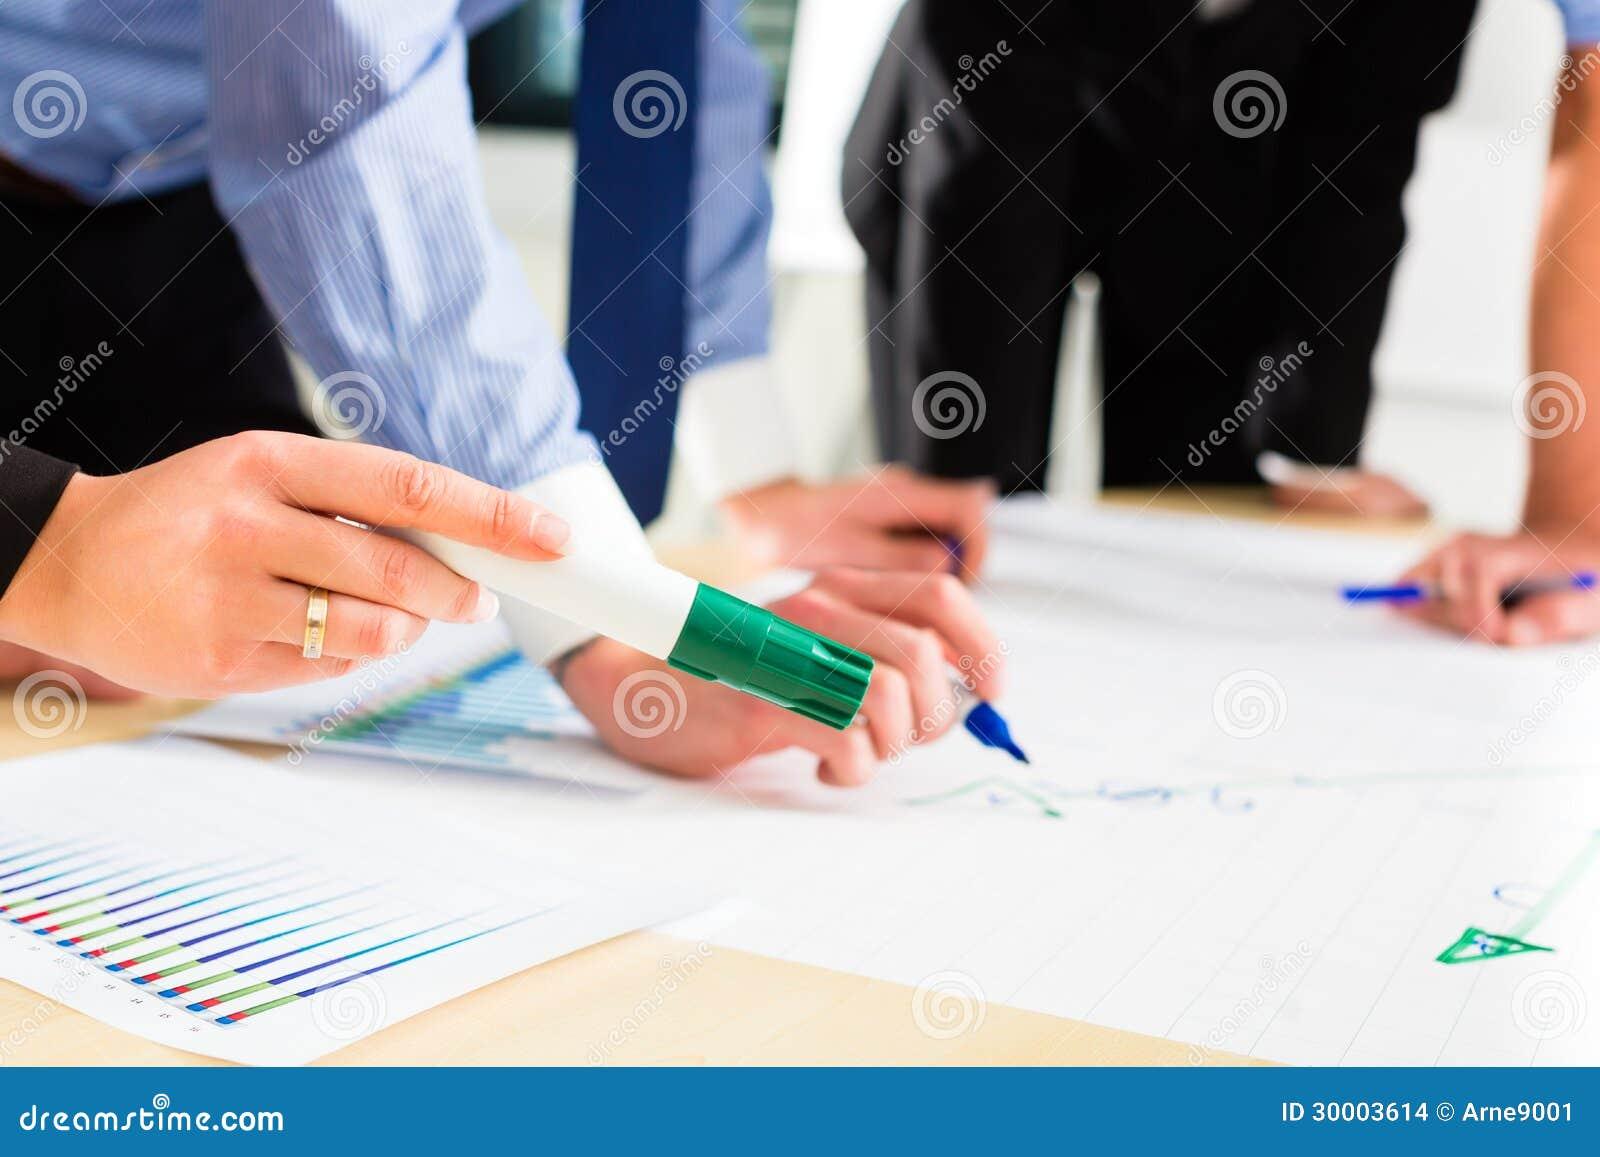 Zaken - Mensen in bureau die als team werken